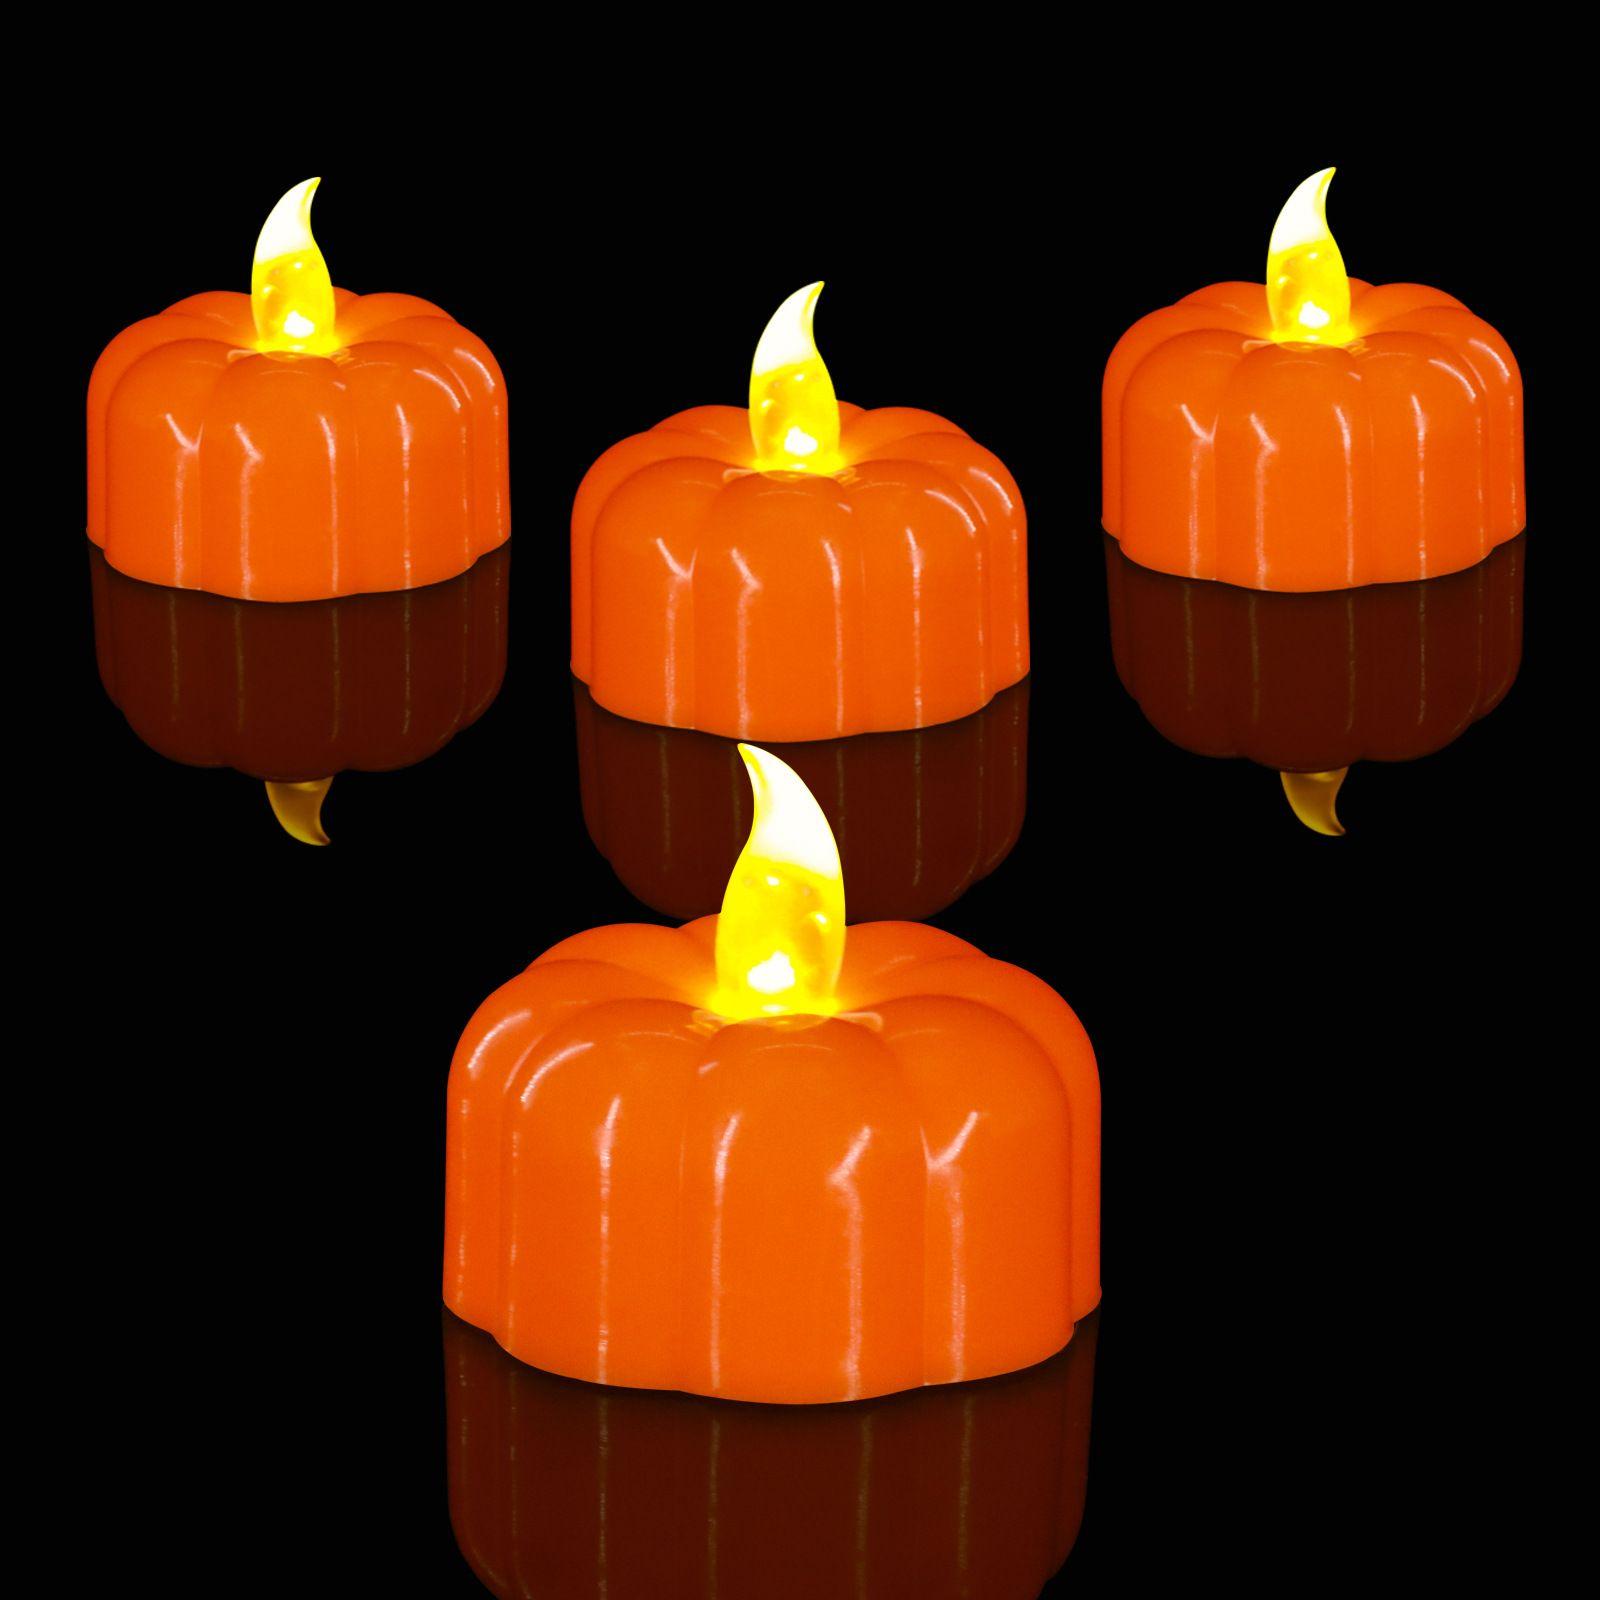 万圣节南瓜蜡烛灯 鬼节氛围装饰电子蜡烛灯创意造型led蜡烛灯